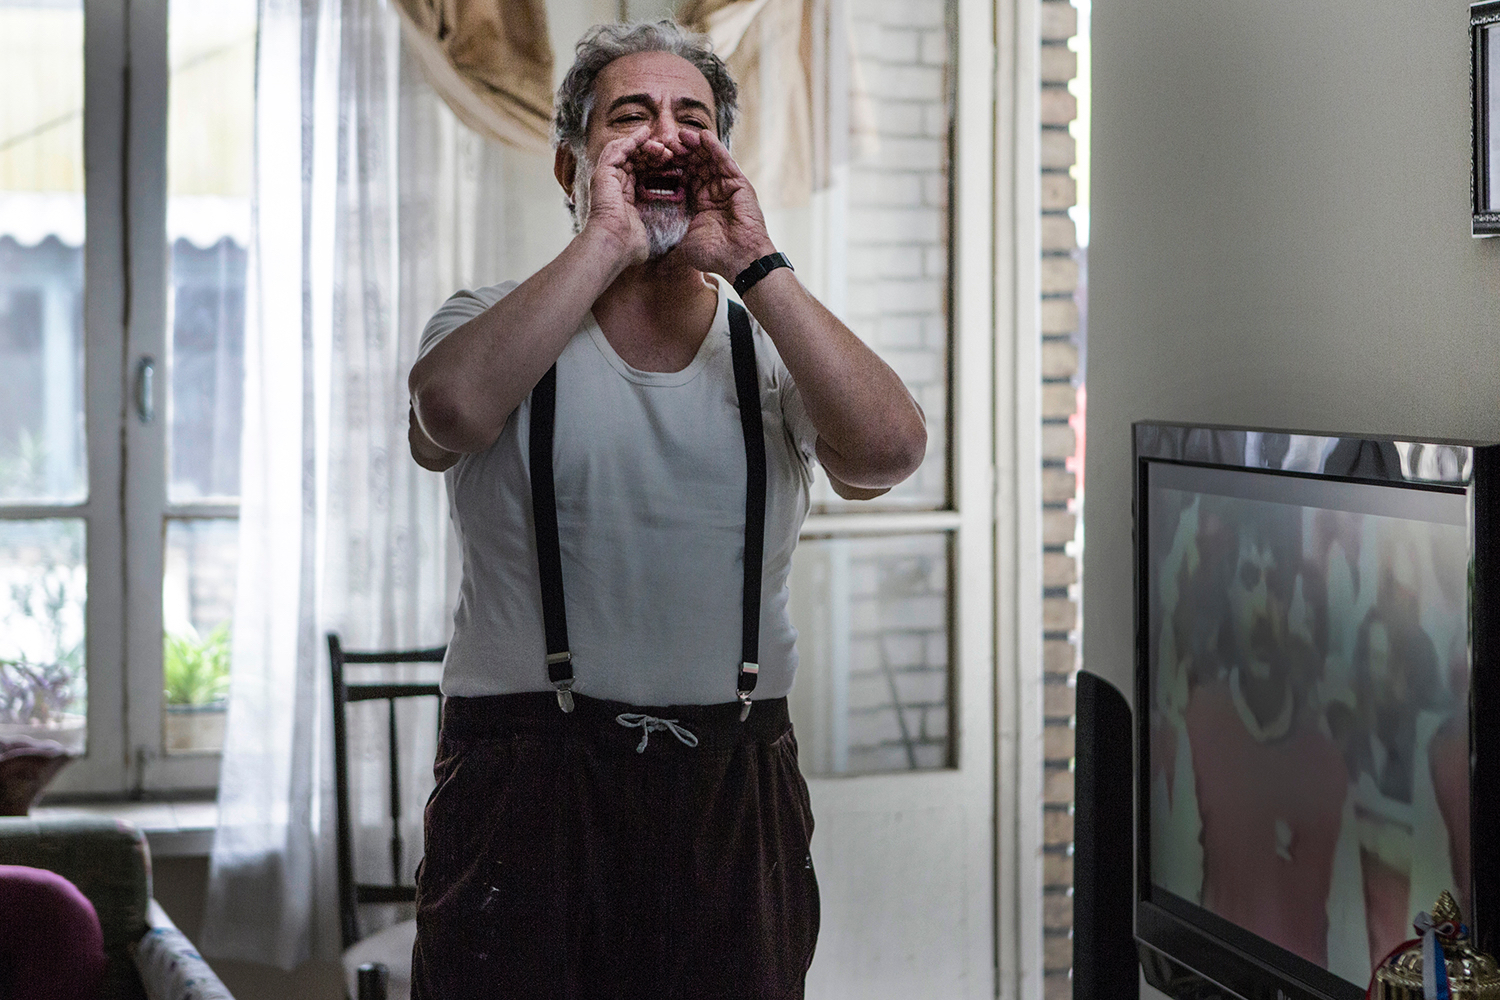 آتیلا پسیانی در صحنه فیلم سینمایی میلیونر میامی